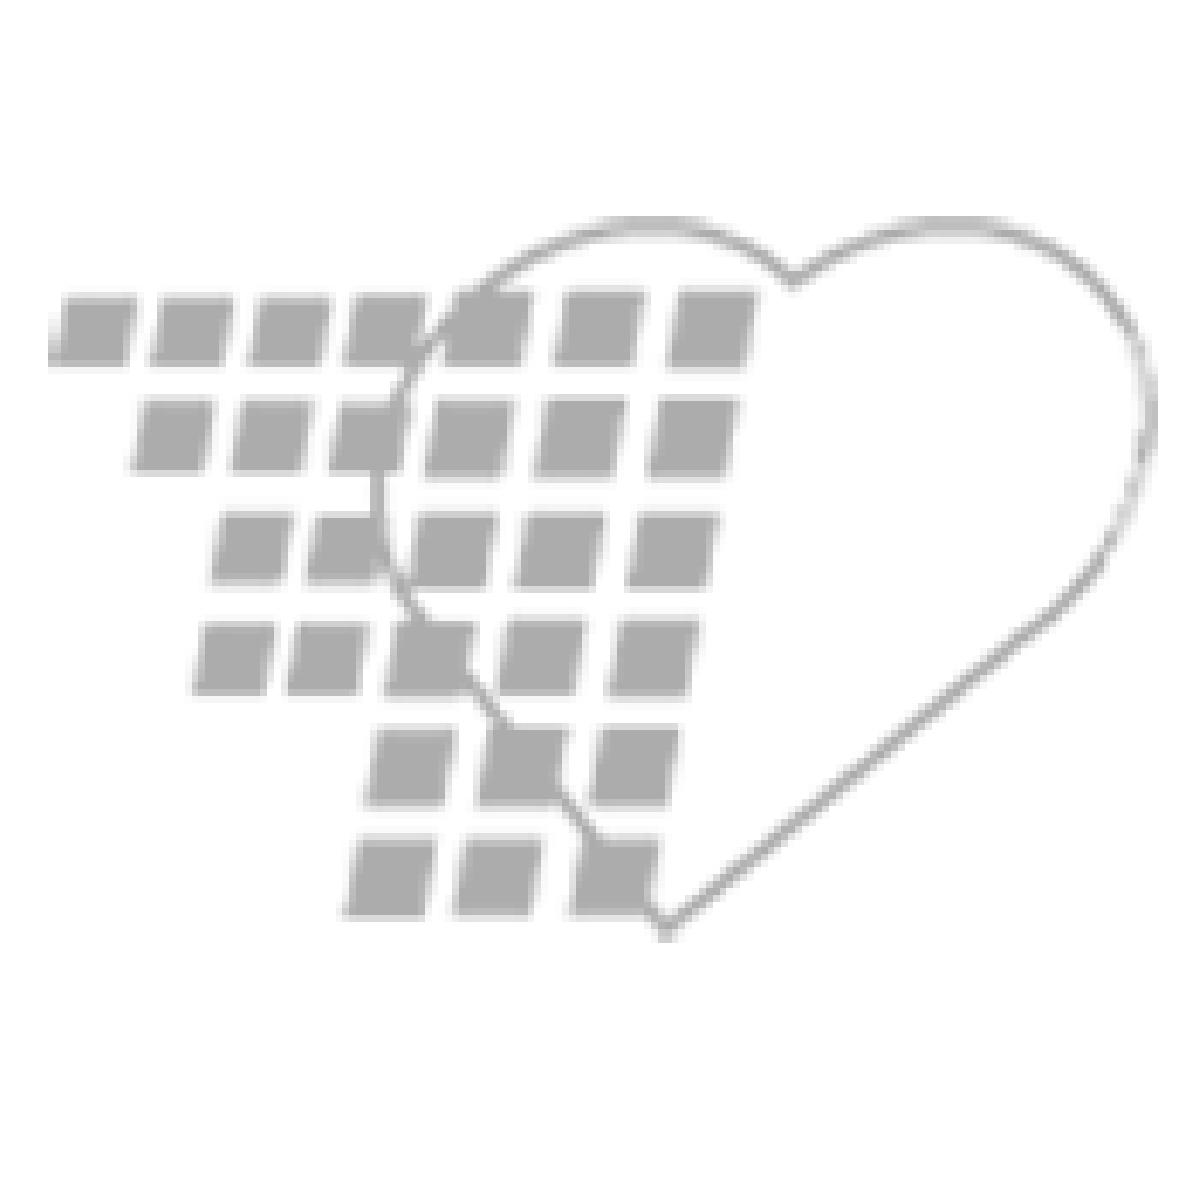 06-93-0088 Demo Dose® MetFORMN 500 mg - 1000 Pills/Jar